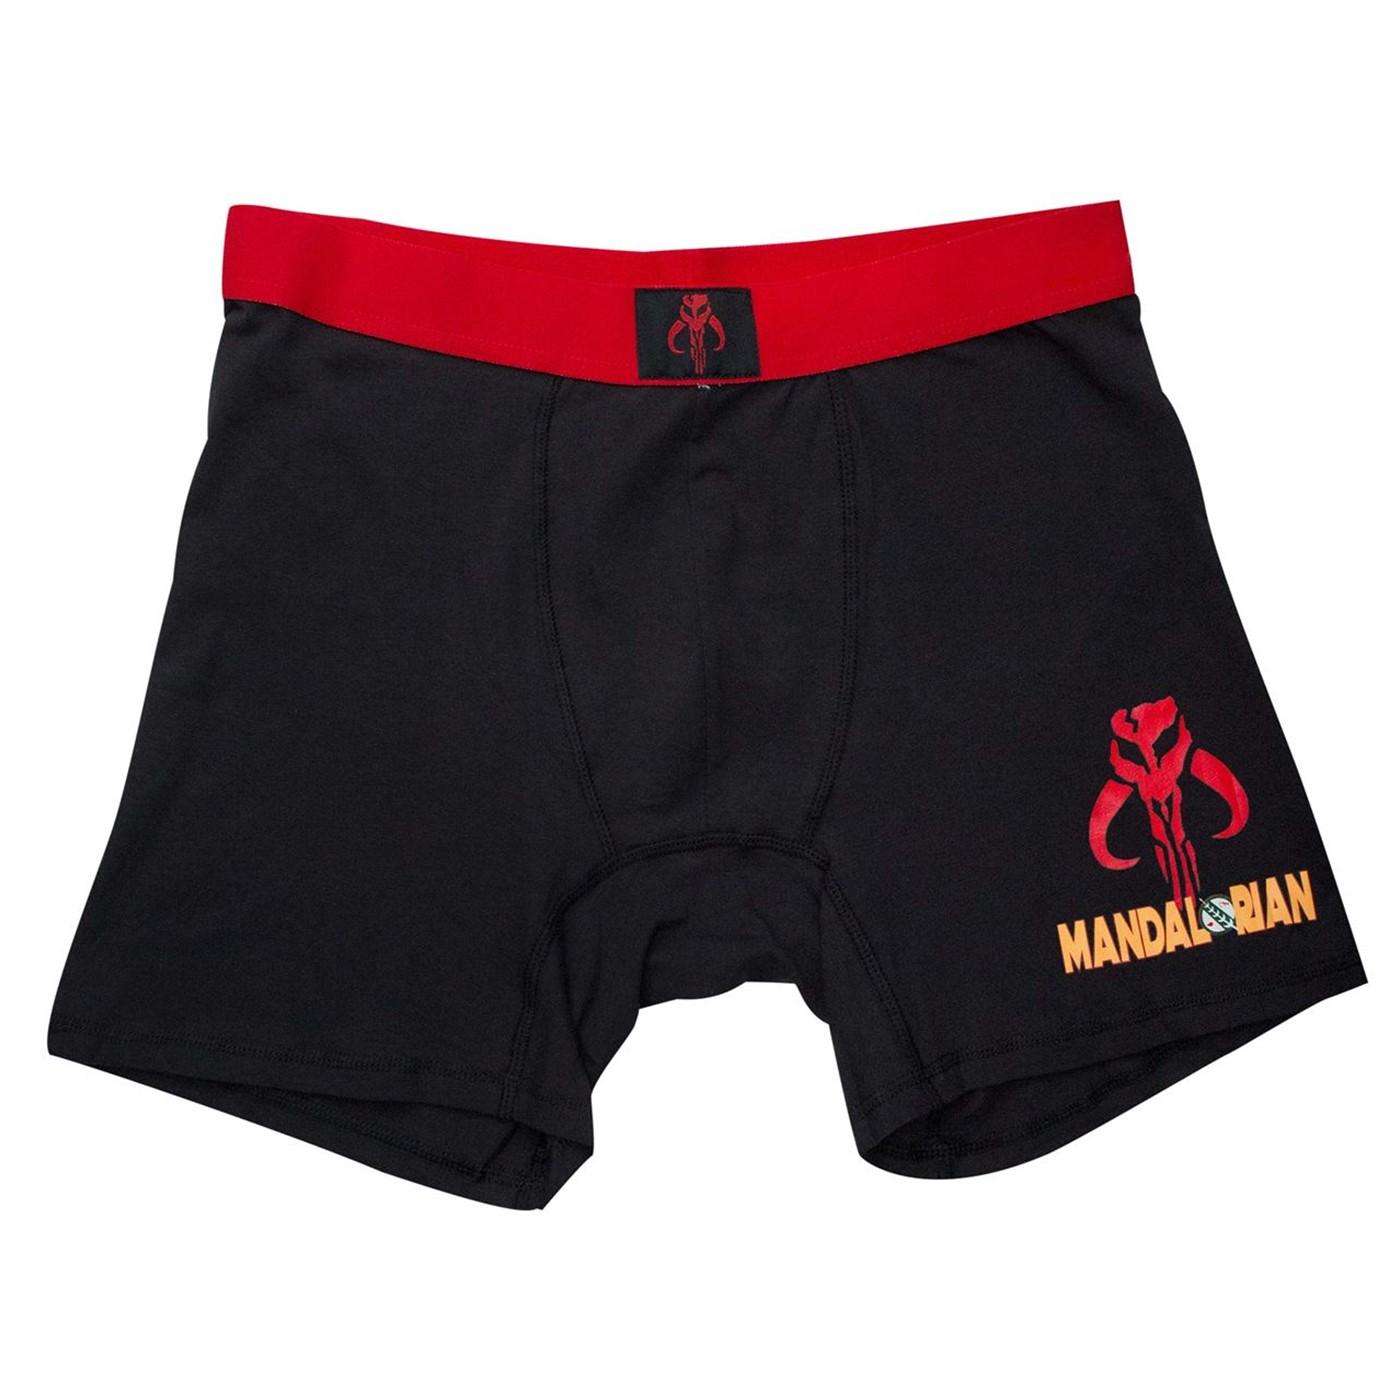 Star Wars Mandalorian Men's Underwear Boxer Briefs